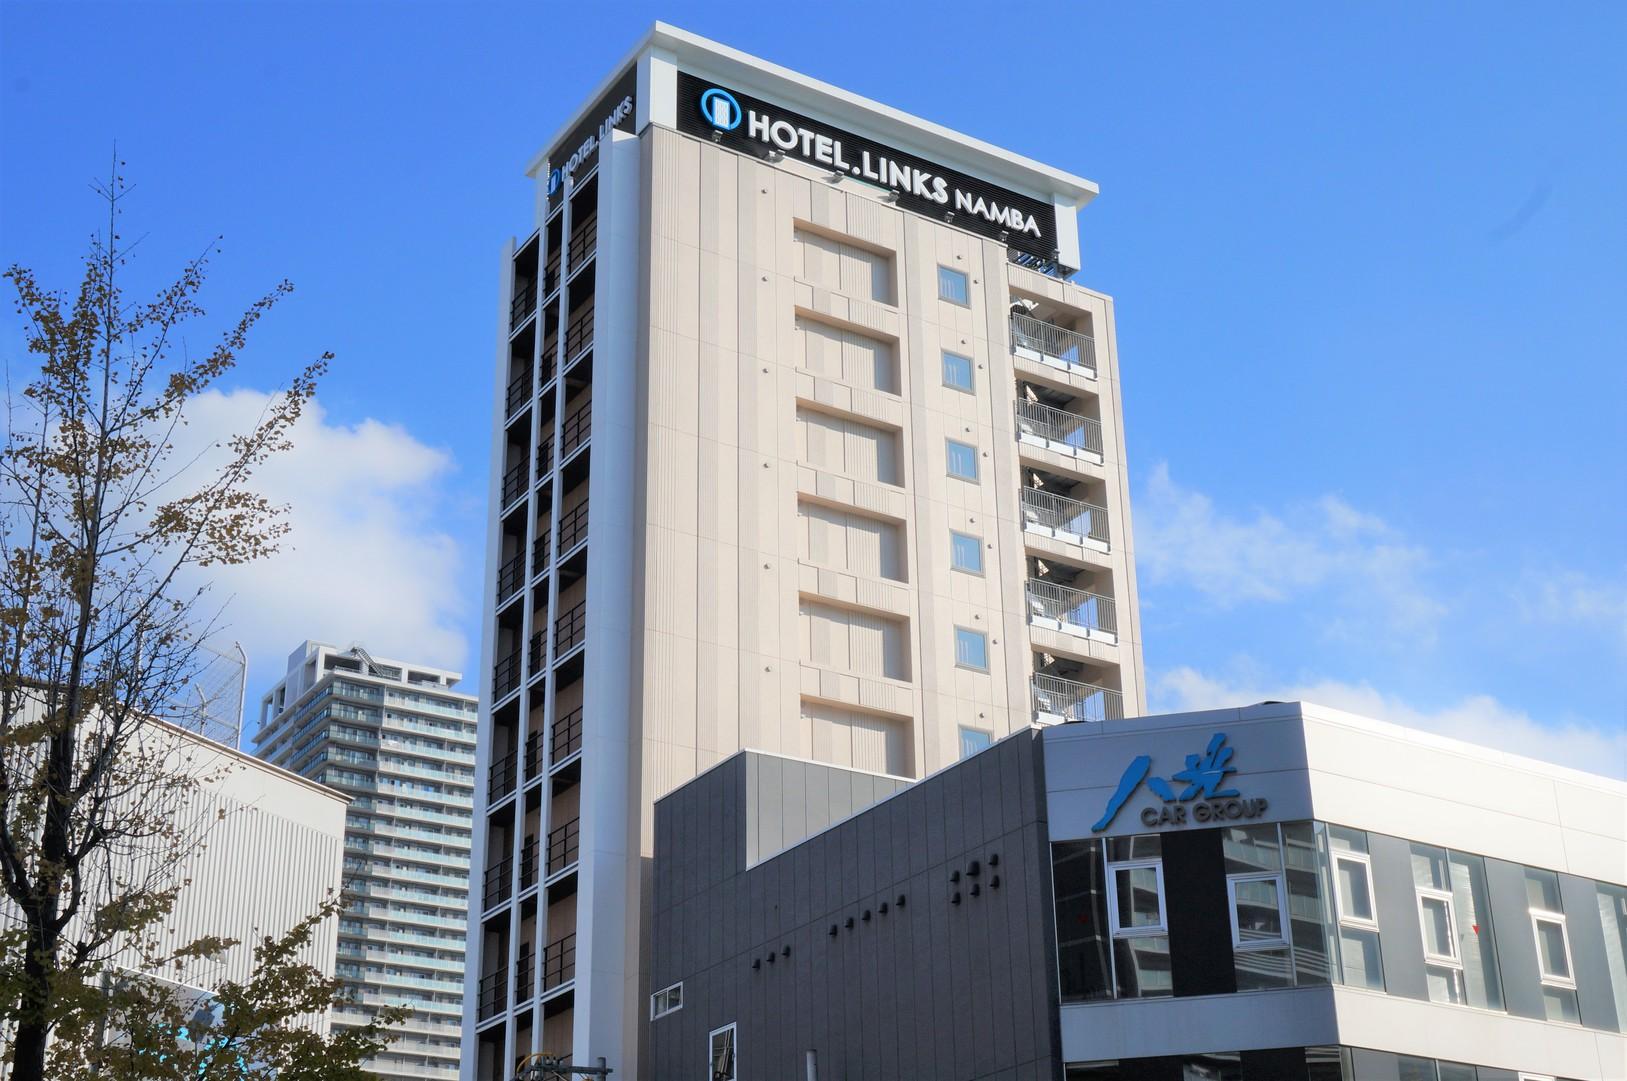 HOTEL.LINKS NAMBA image